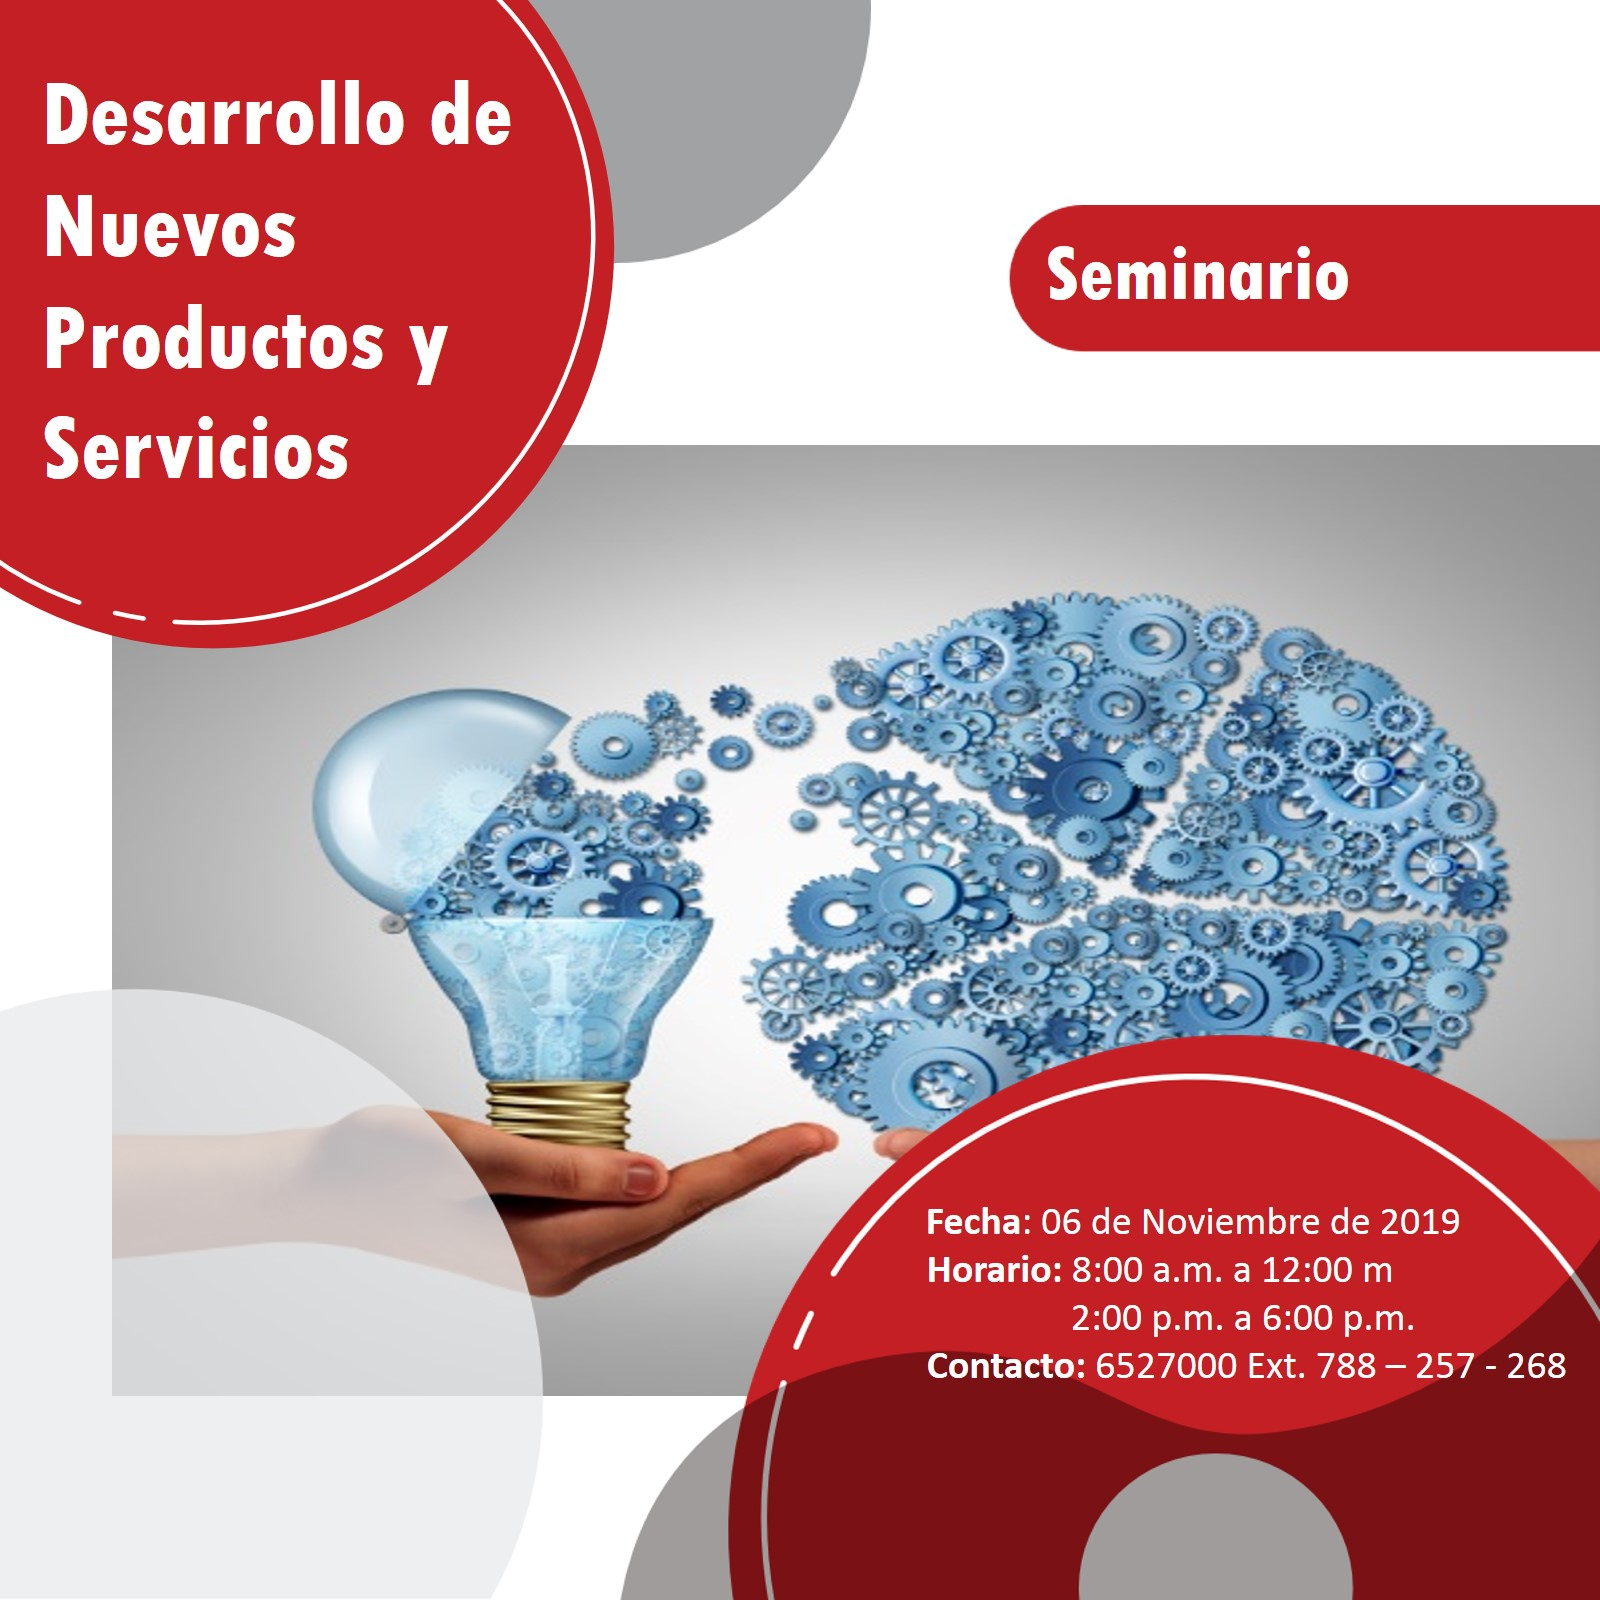 SEMINARIO DESARROLLO DE NUEVOS PRODUCTOS Y SERVICIOS